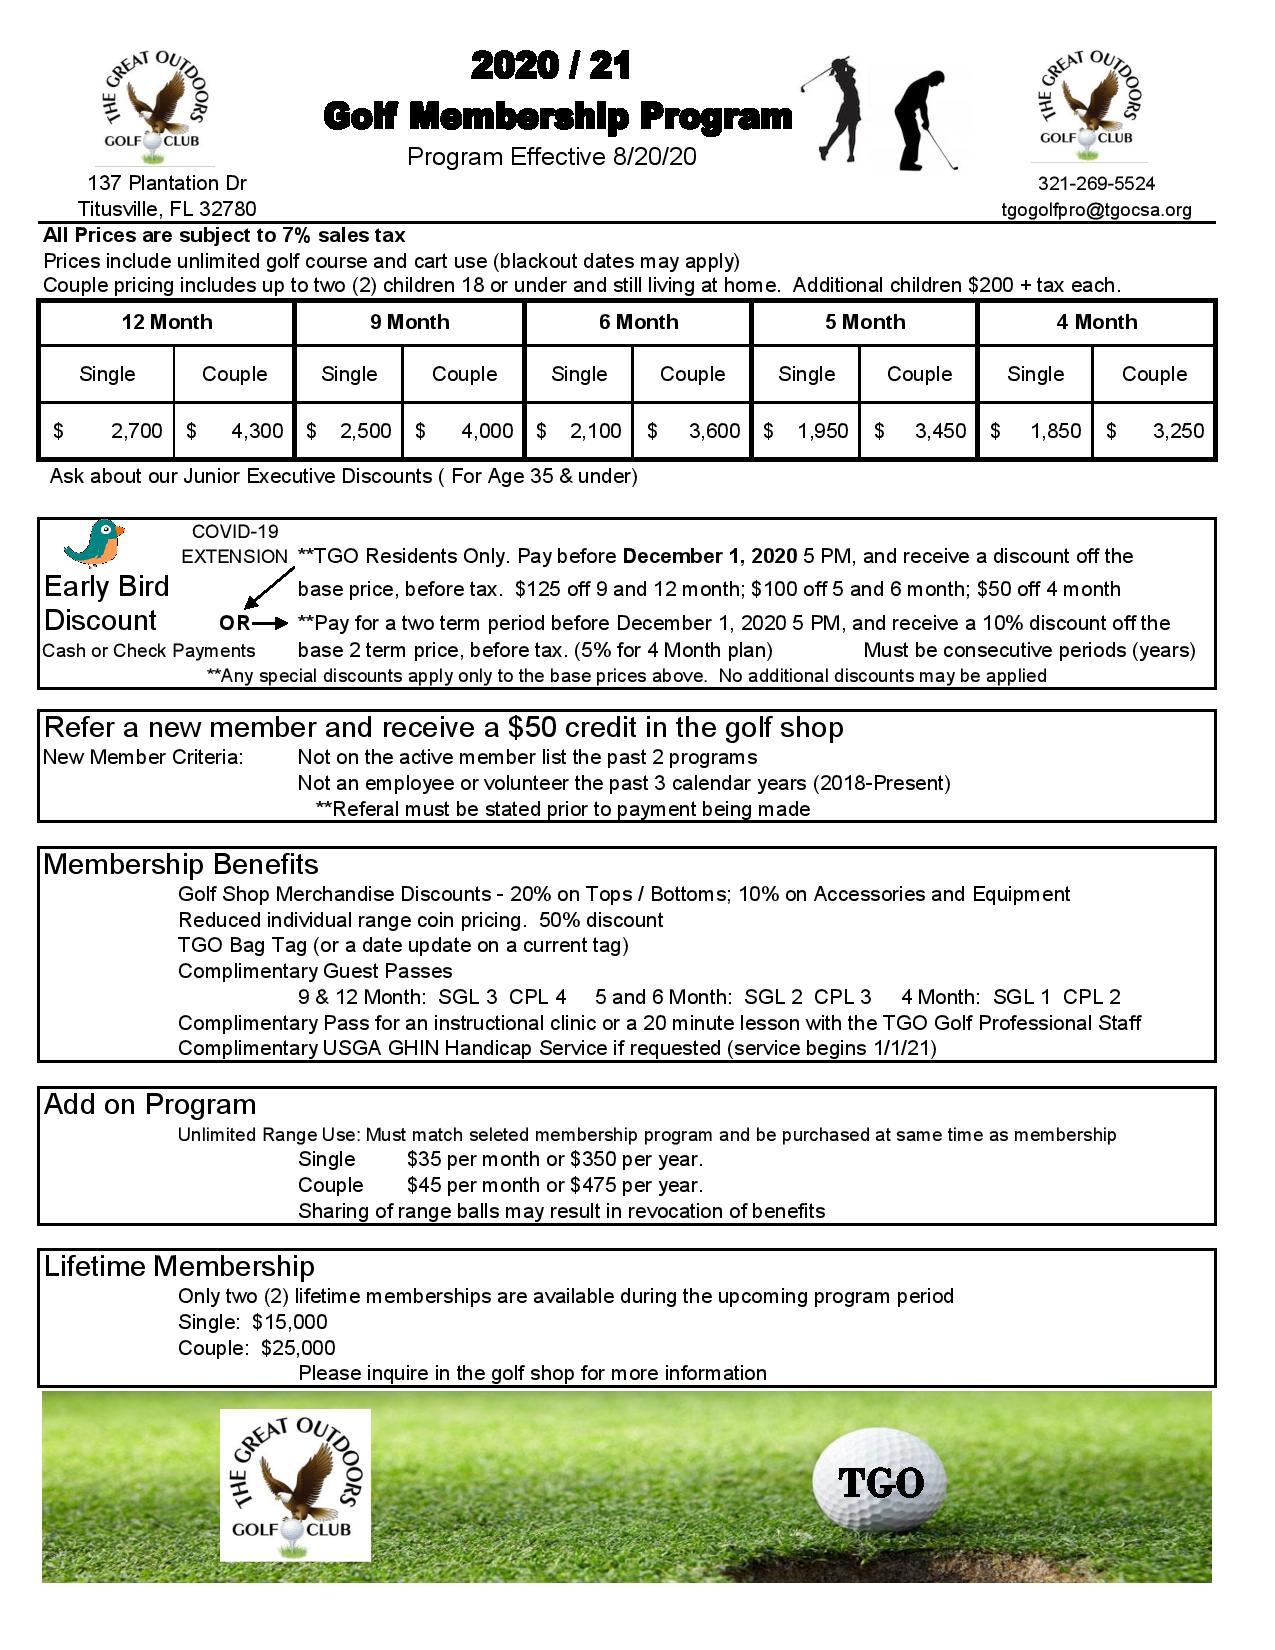 membershipprogram2020-2021